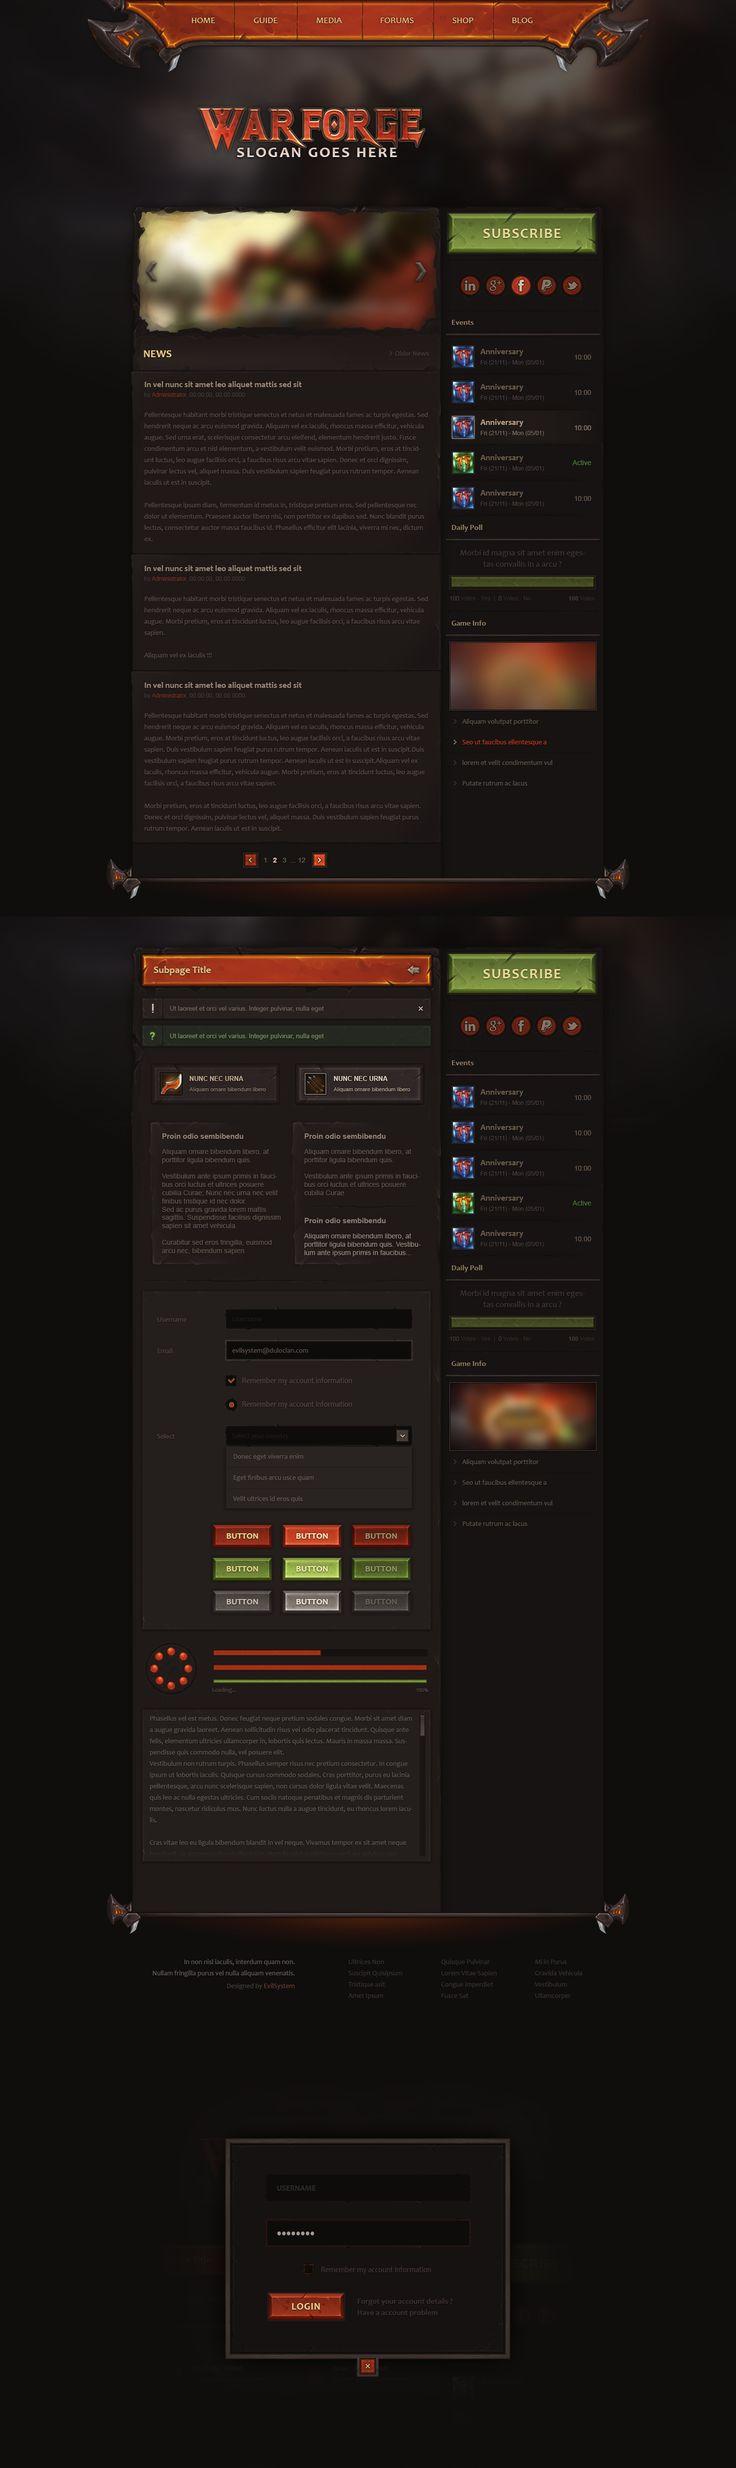 Warforge - Game Website Design by Evil-S on DeviantArt